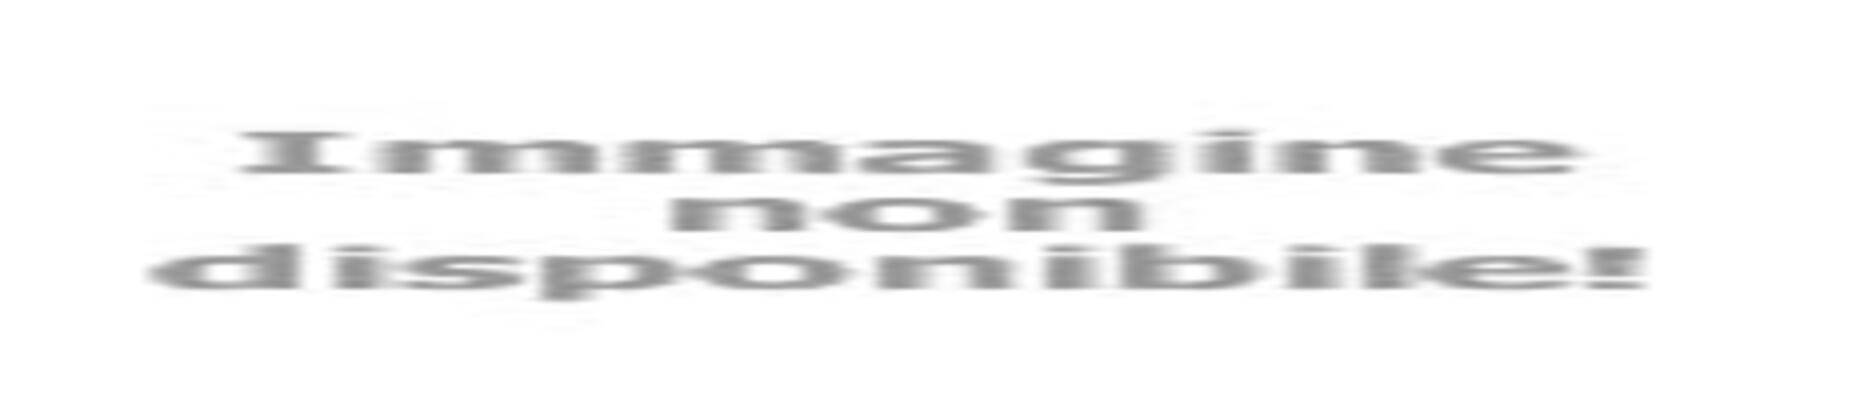 Offerta last minute per coppie di settembre in hotel di Rimini con SPA